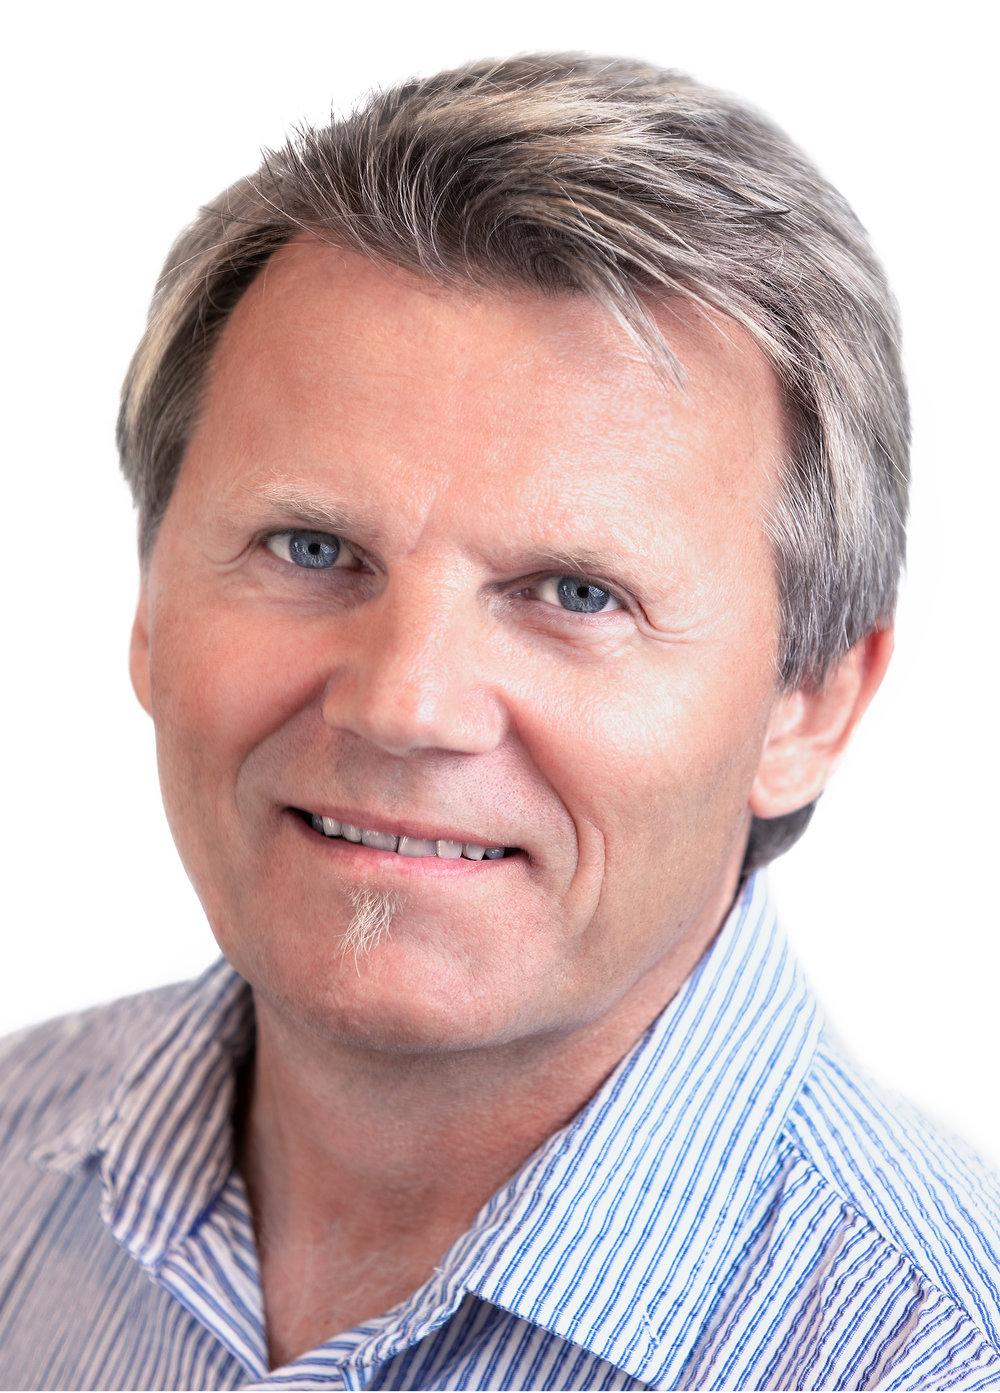 Bjørn Jensen - Service Manager